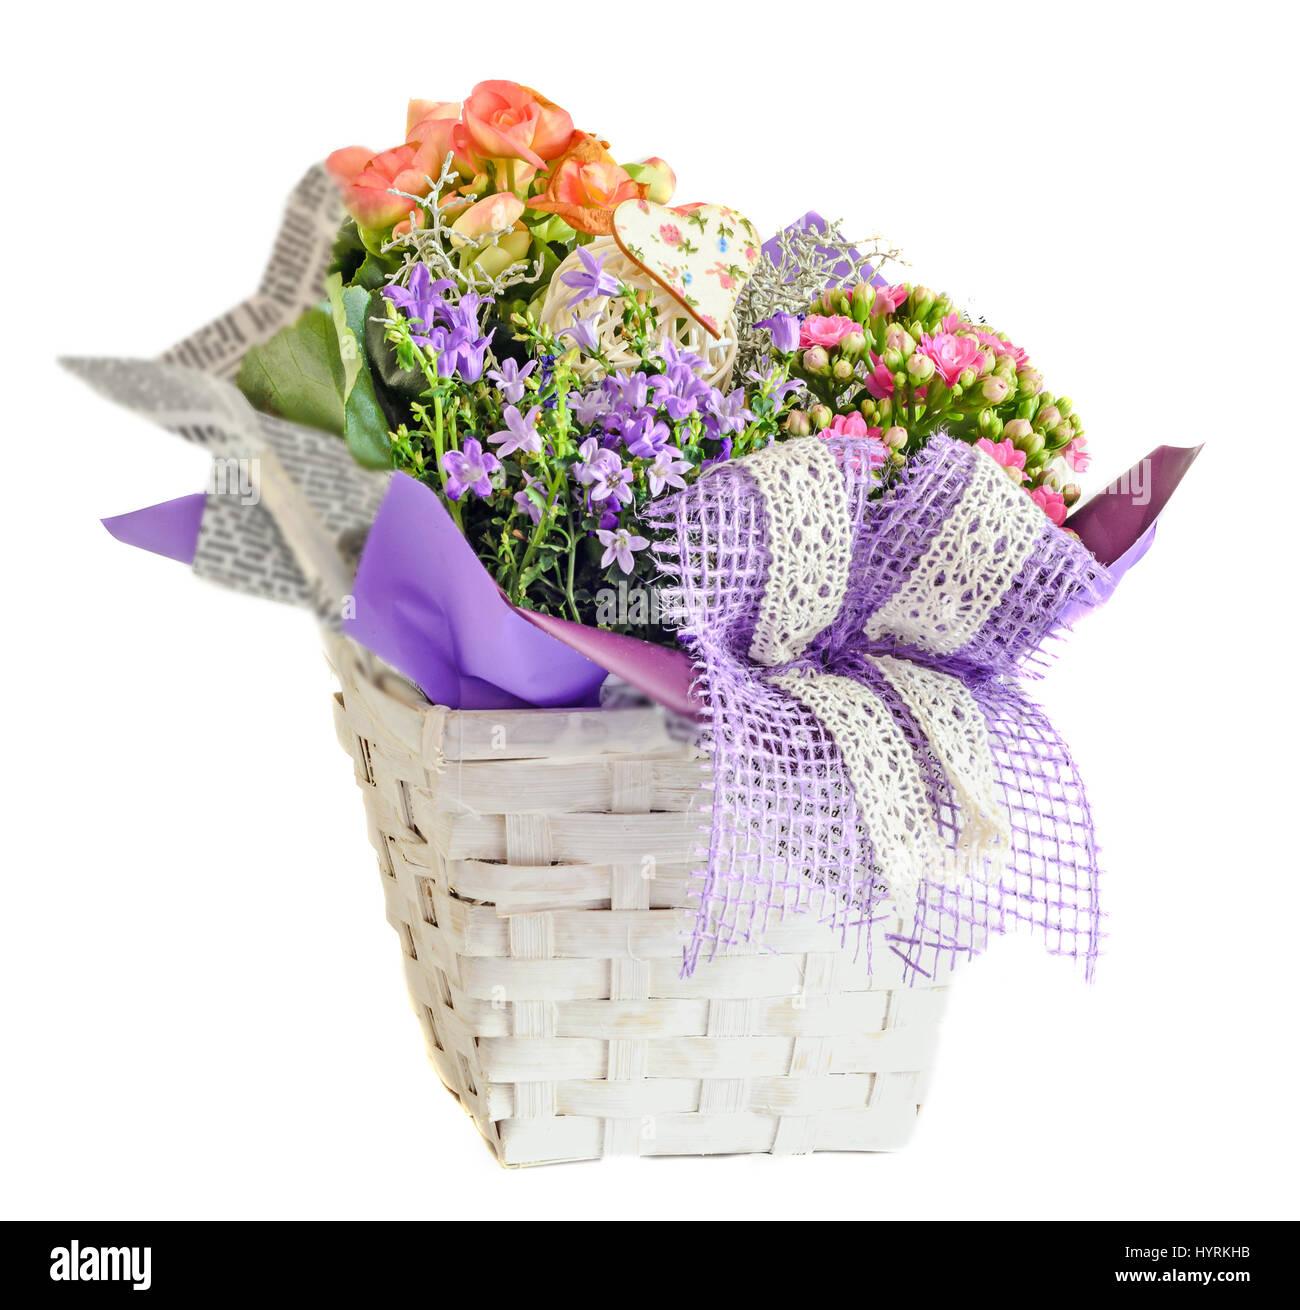 Arreglo Floral En Un Cesto Con Blancas Flores De Malva